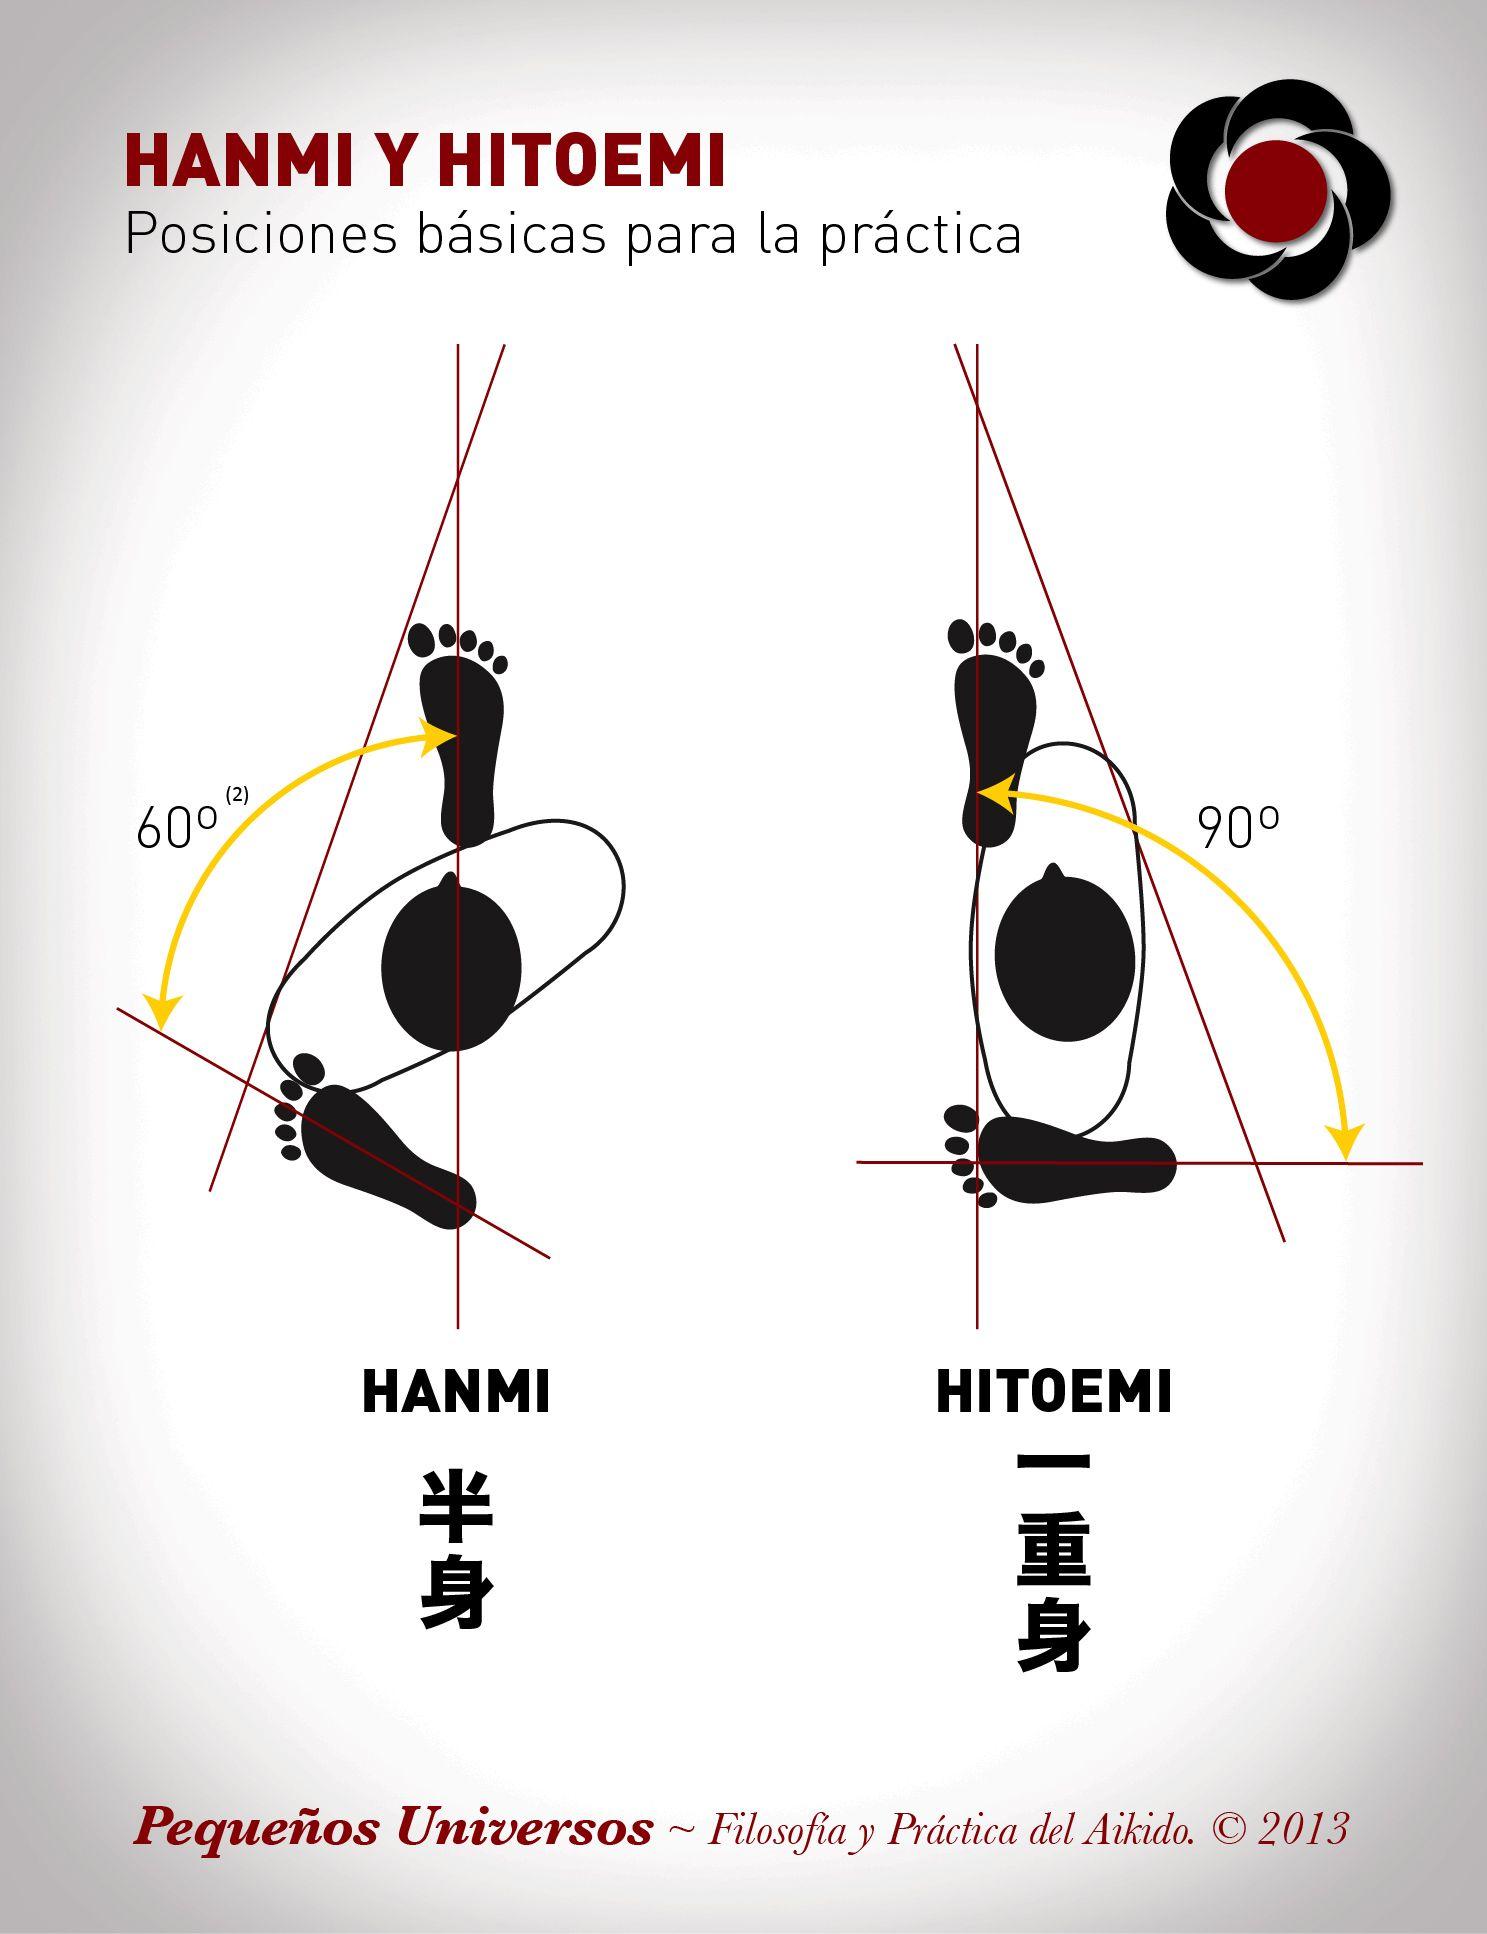 Hanmi y hitoemi: posiciones básicas para la práctica | found